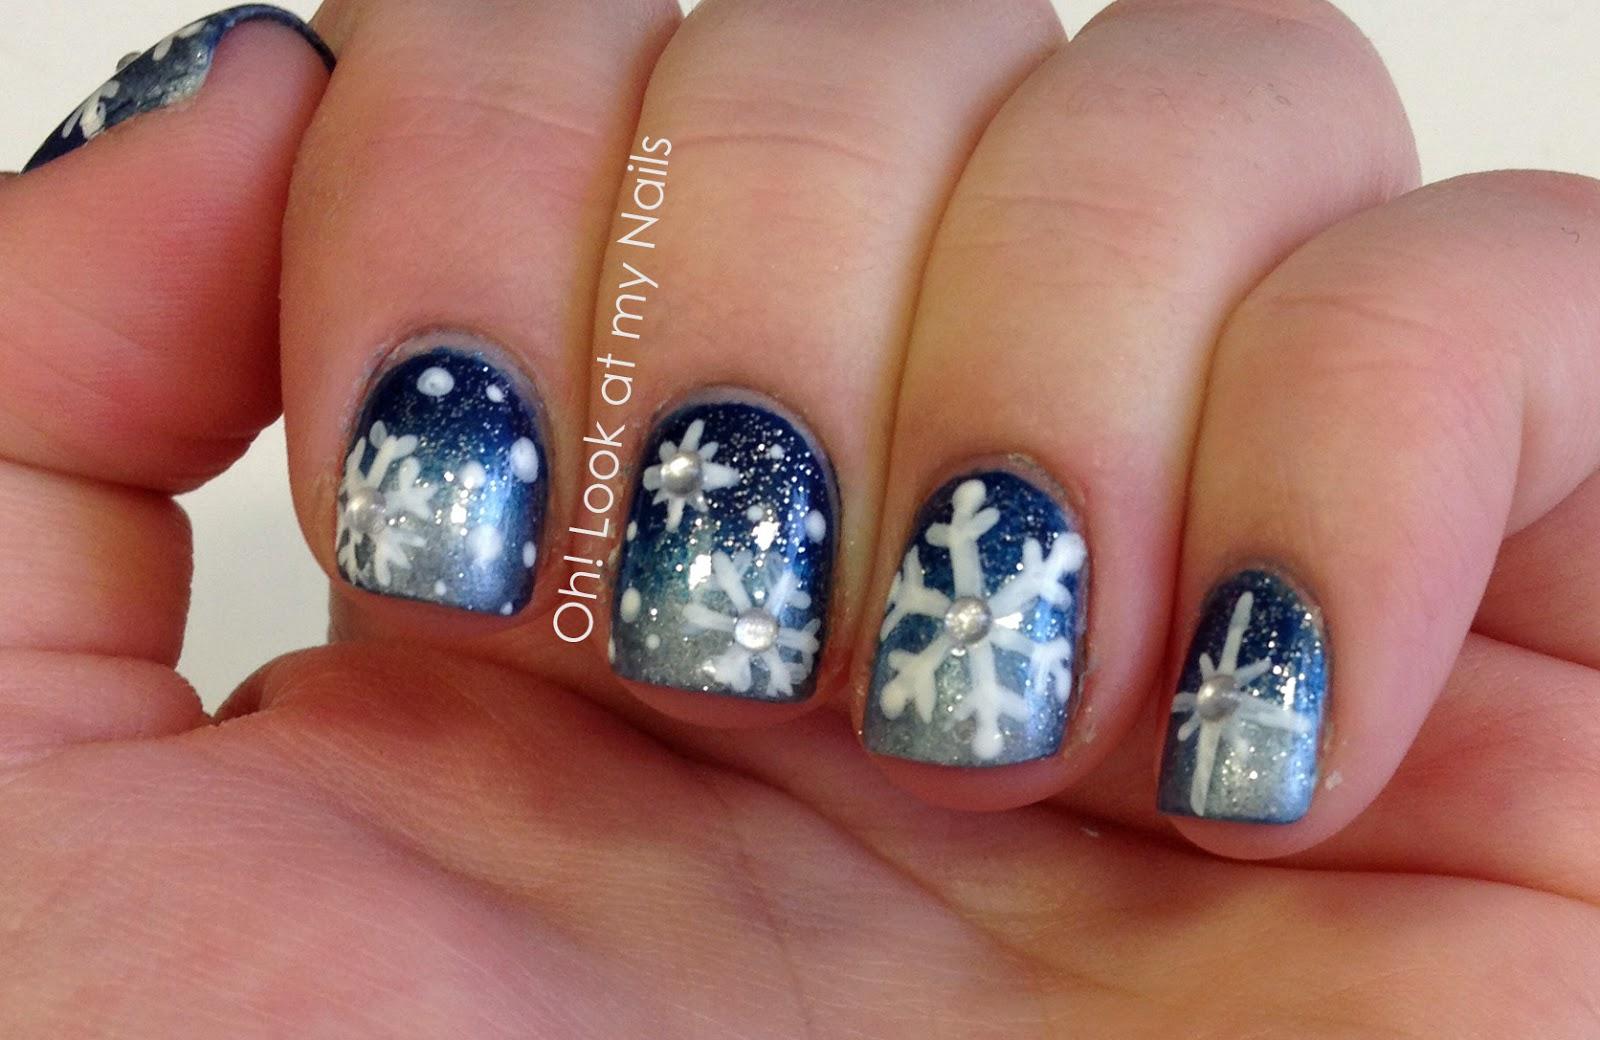 Oh! Look at my Nails: Snowflake Nail Art